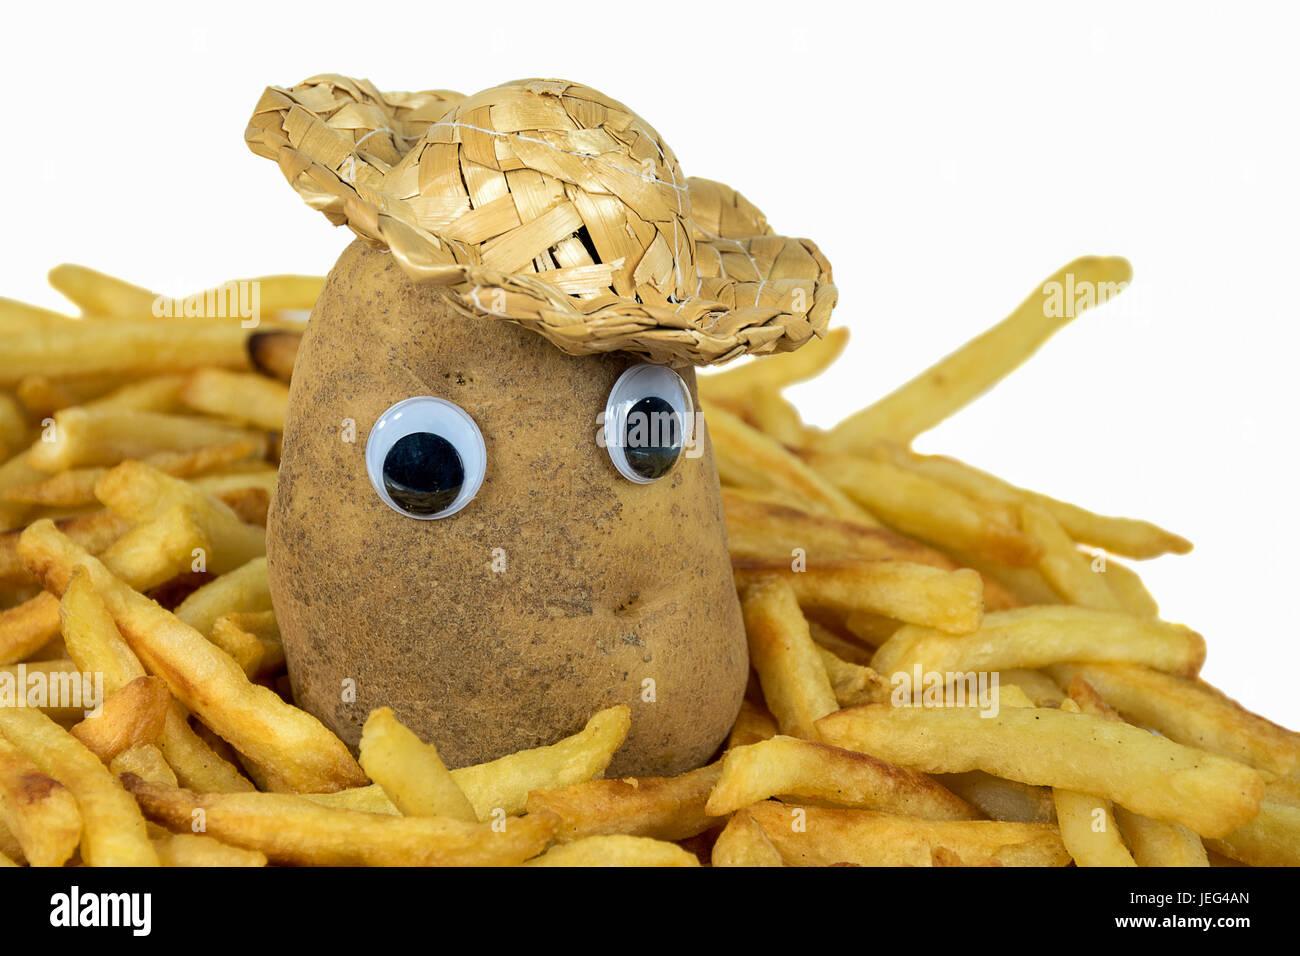 Patatas con sombrero de paja y los globos oculares en las patatas fritas Imagen De Stock